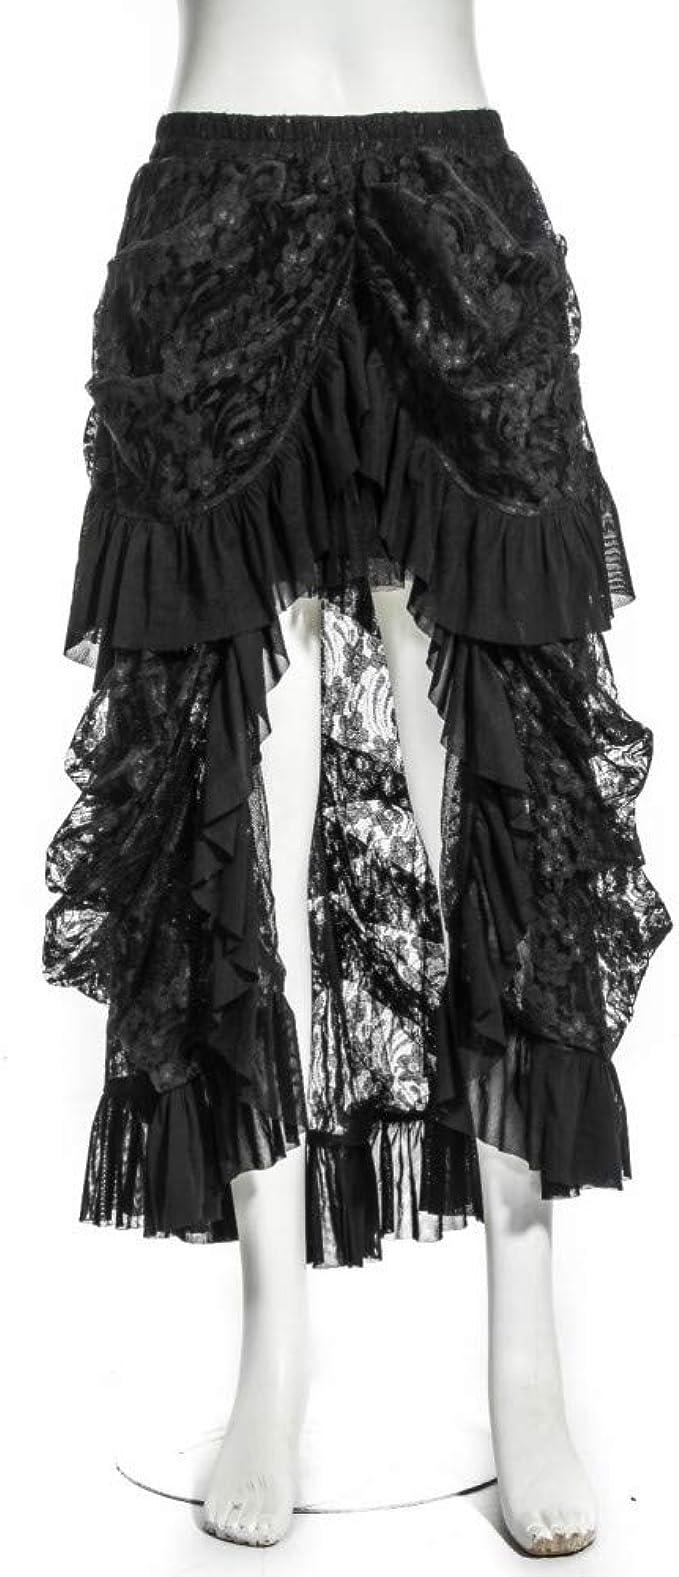 GYYWAN Steampunk Gothic Mujer Faldas Negras Elegante Disfraz De ...